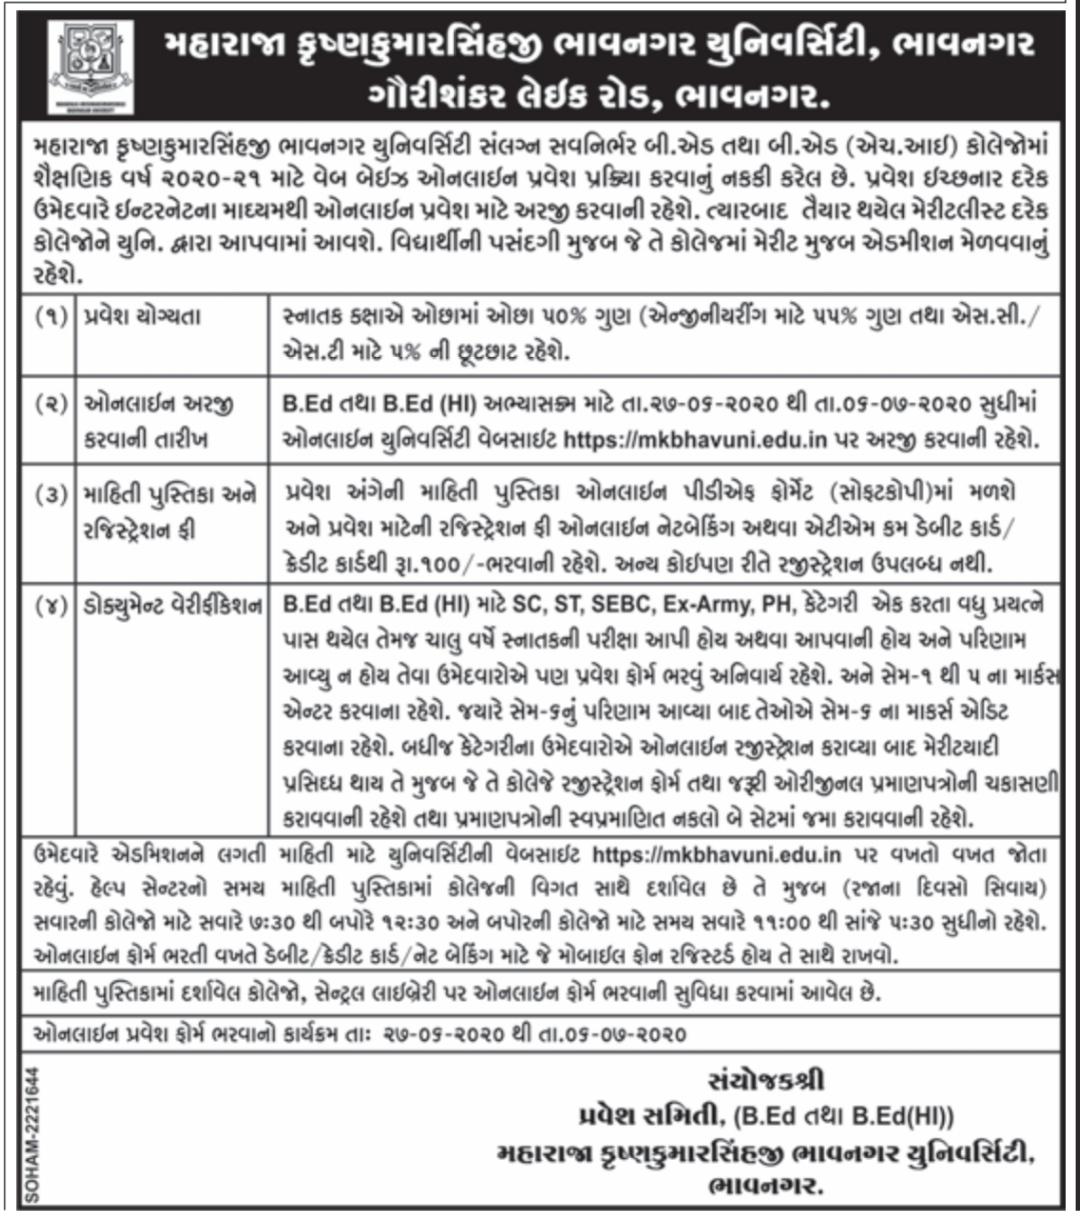 MK Bhavnagar University B.Ed Admission 2020-21